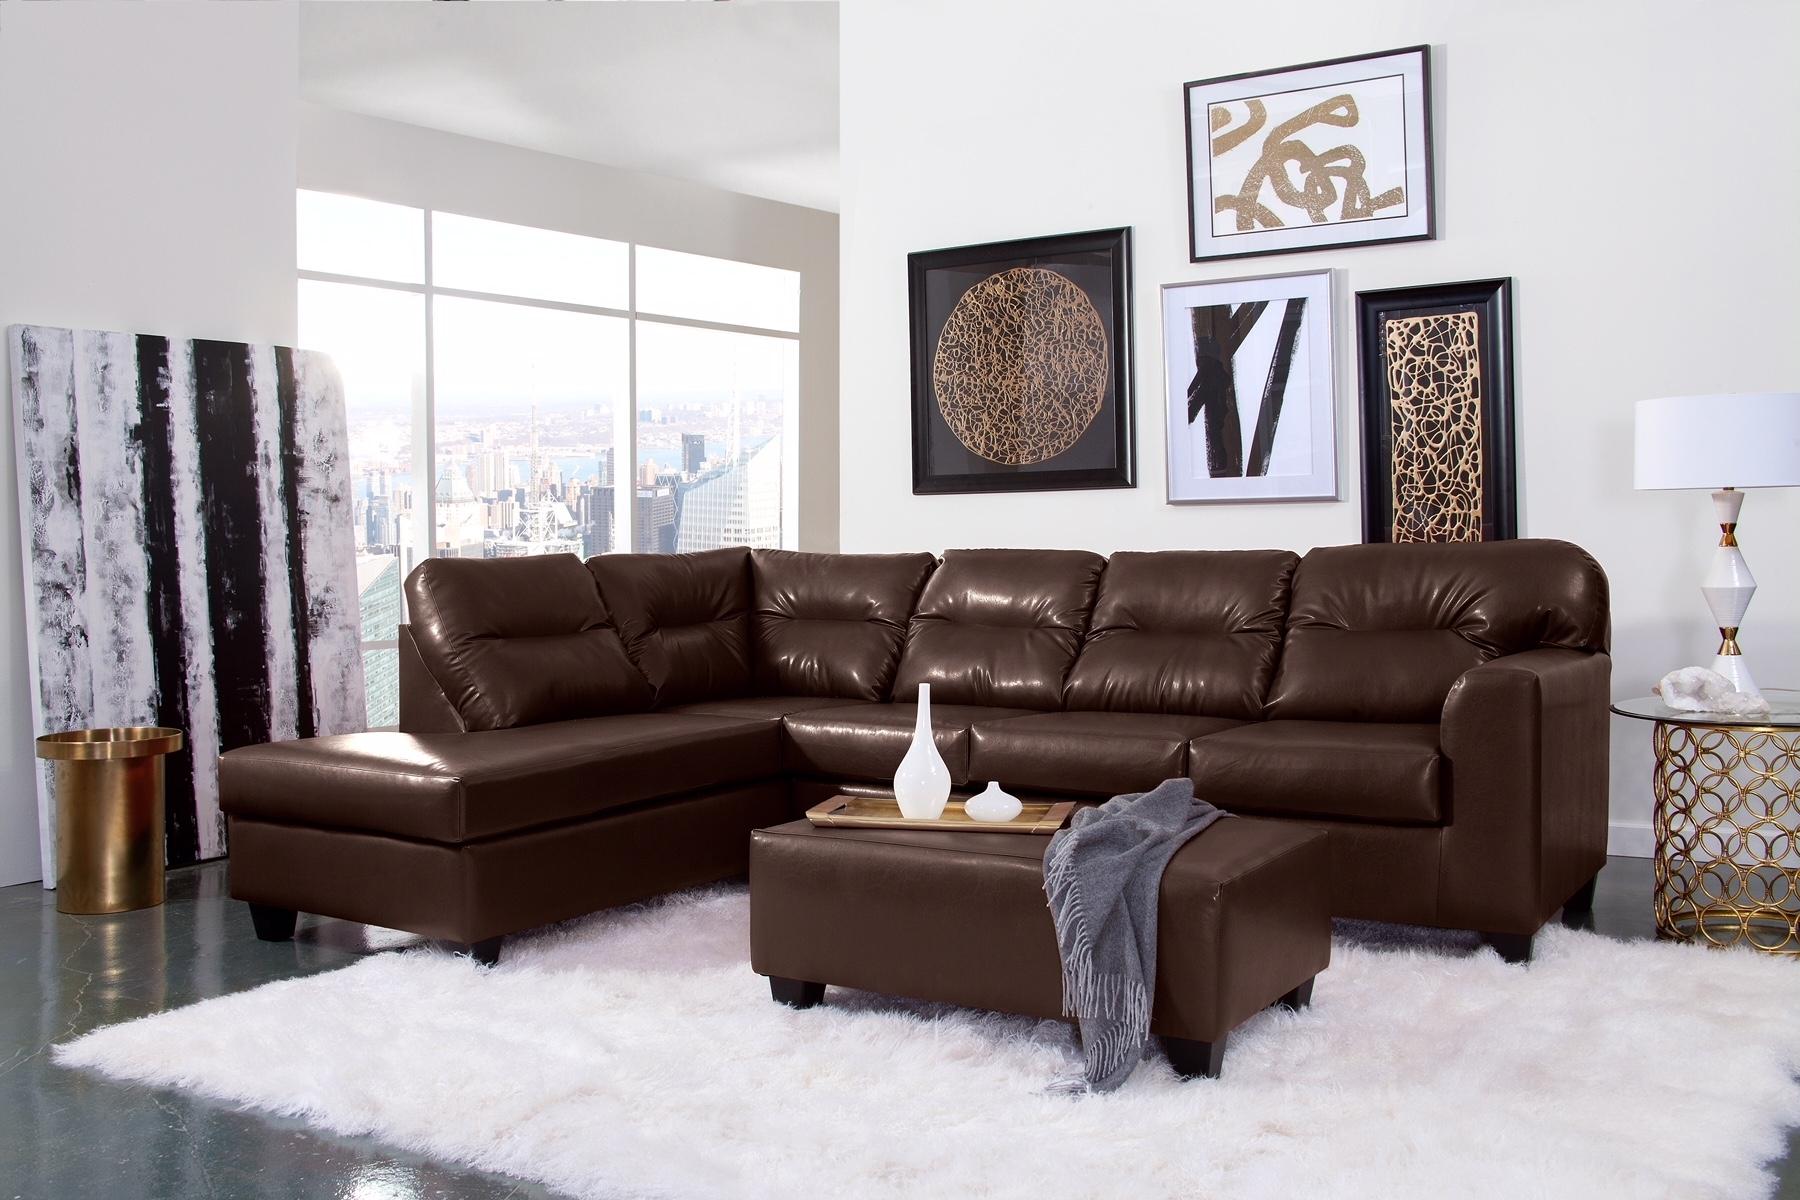 Find Elegant And Affordable Living Room Furniture In Bensalem, Pa inside Harper Down 3 Piece Sectionals (Image 8 of 30)